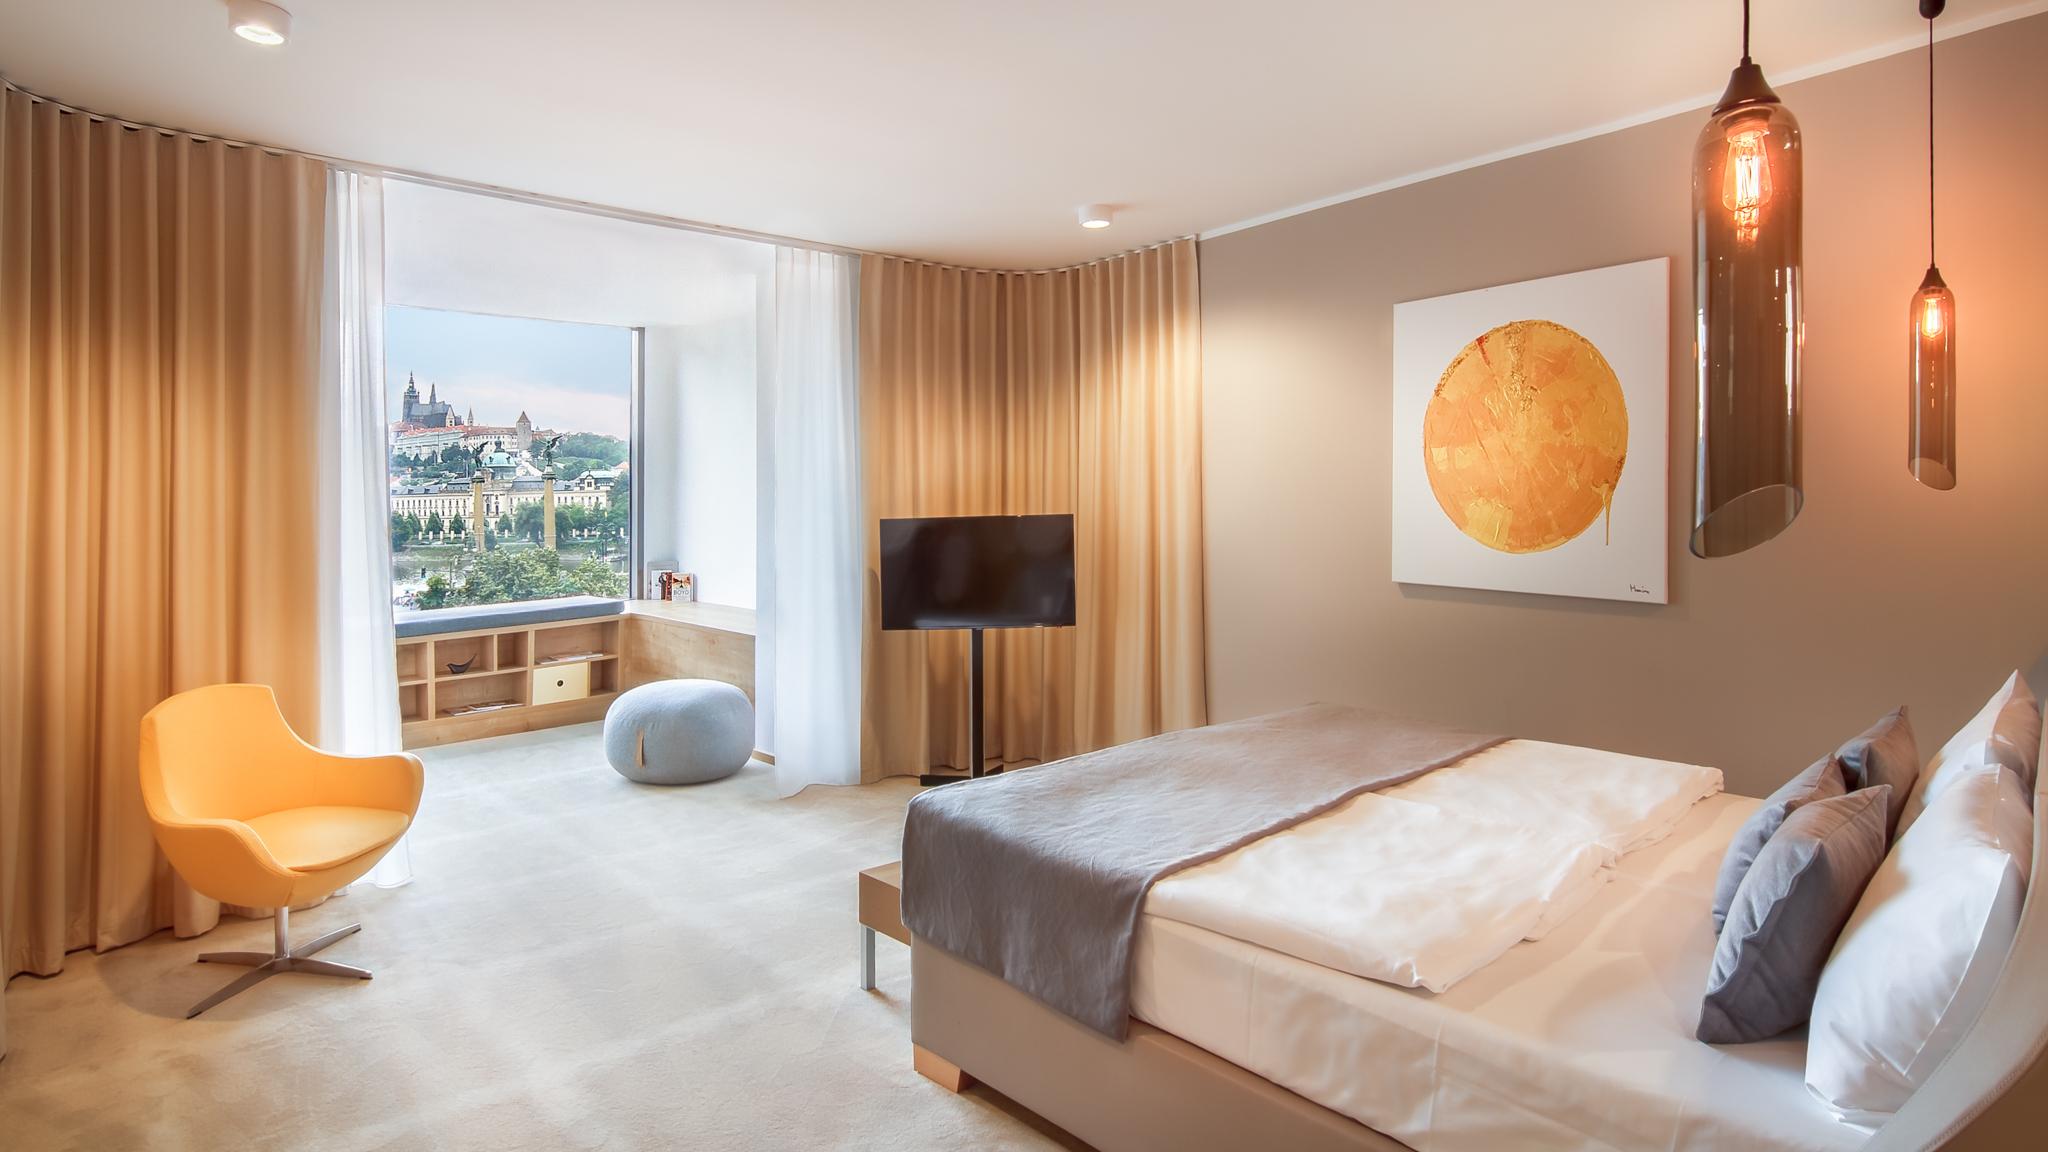 Hotel President_New_Rooms_72dpi-2.jpg